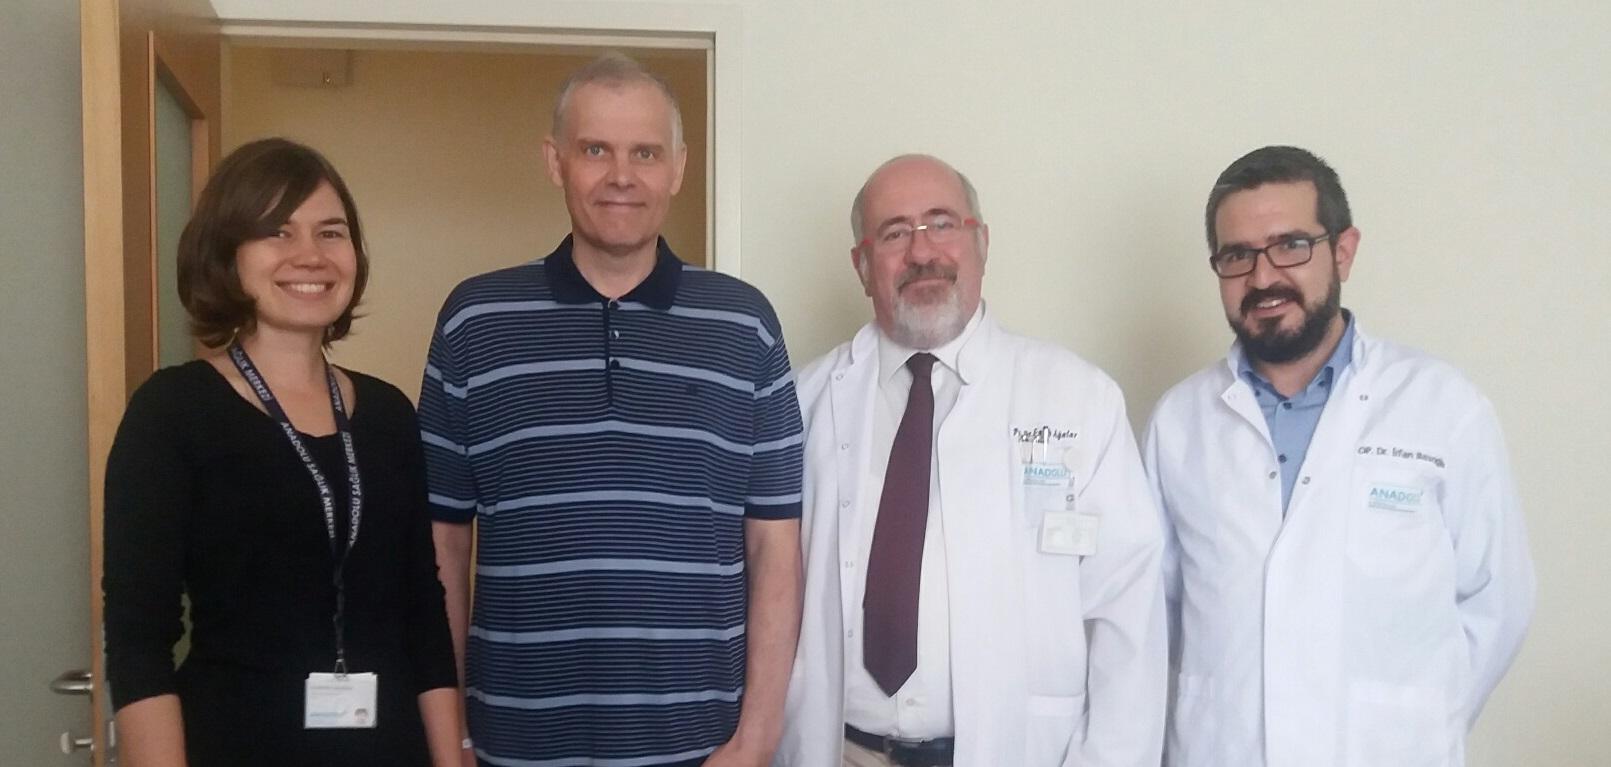 Дмитрий Савиных, Екатеринбург — лечение в ведущей клинике Турции